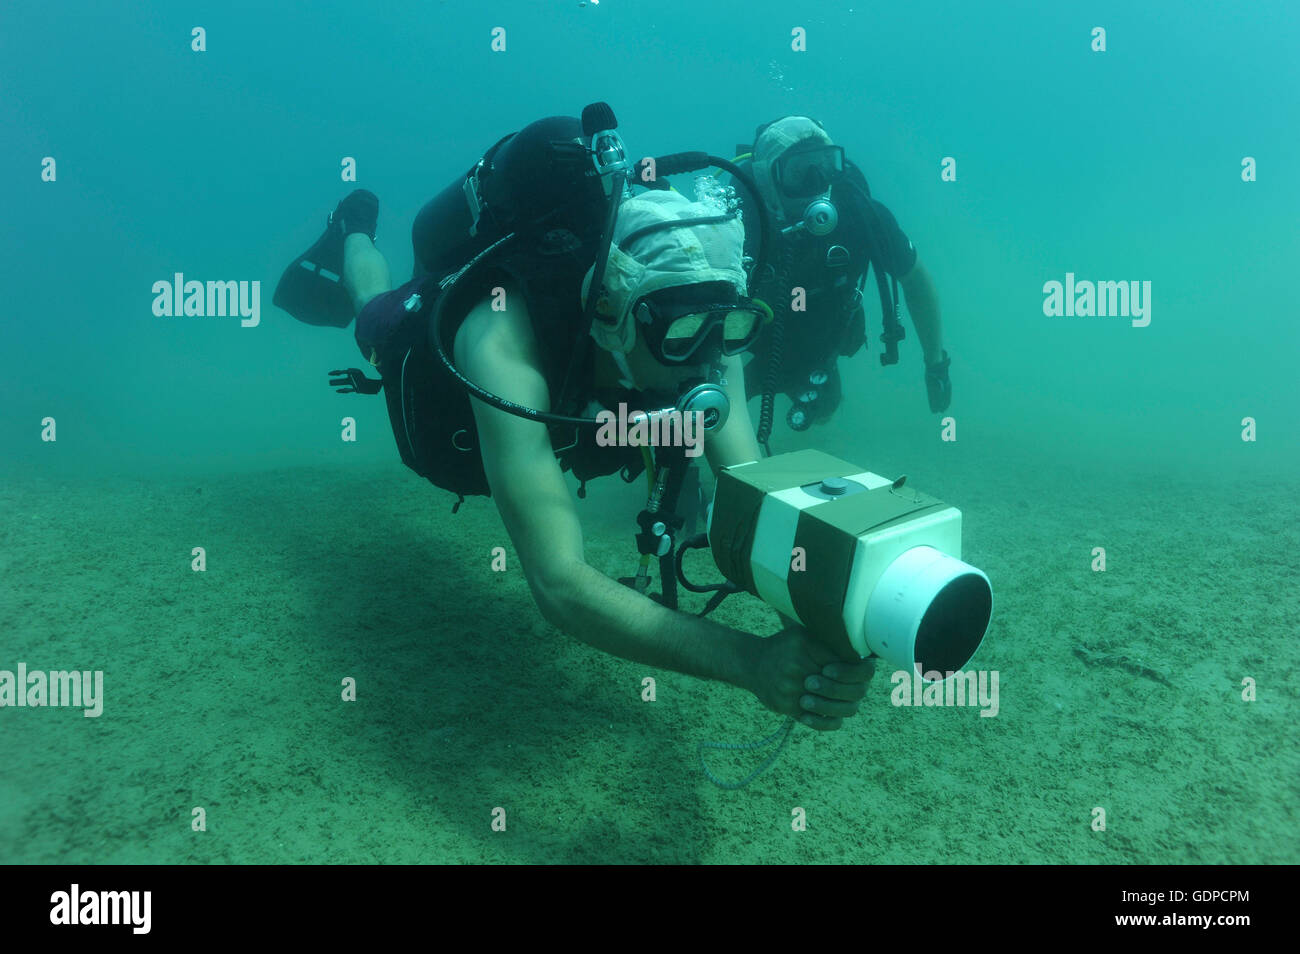 Julio 8, 2010 - Eliminación de Artefactos Explosivos de la Marina de los EE.UU Técnico usa un PQS/2A mano Imagen De Stock